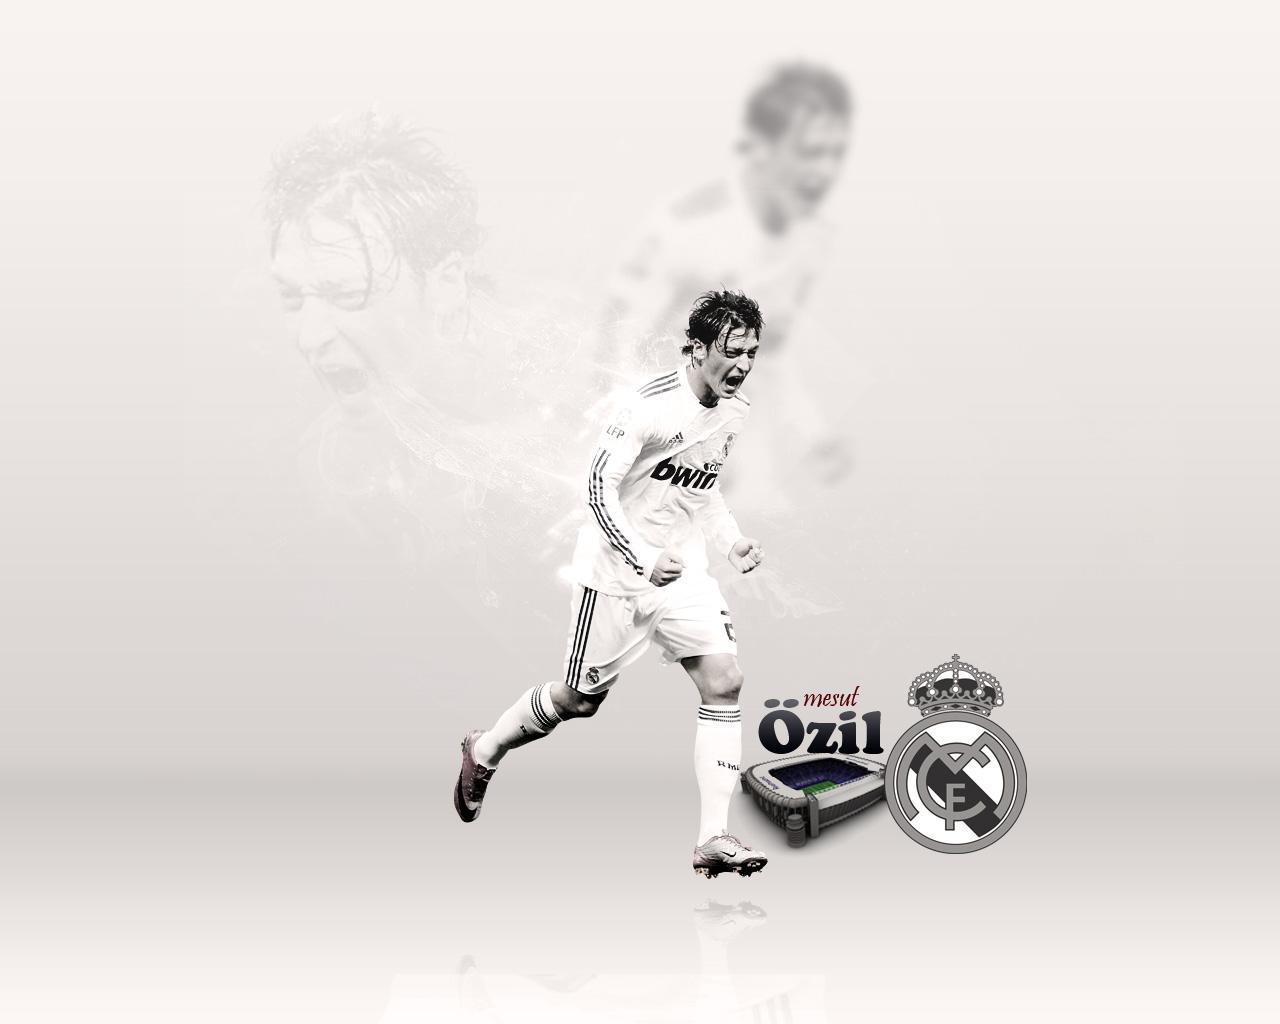 http://3.bp.blogspot.com/-vbfeaE7DS_A/TyHzrP5v-FI/AAAAAAAABVw/qzwbcWURg78/s1600/Mesut+Ozil+2012.jpg